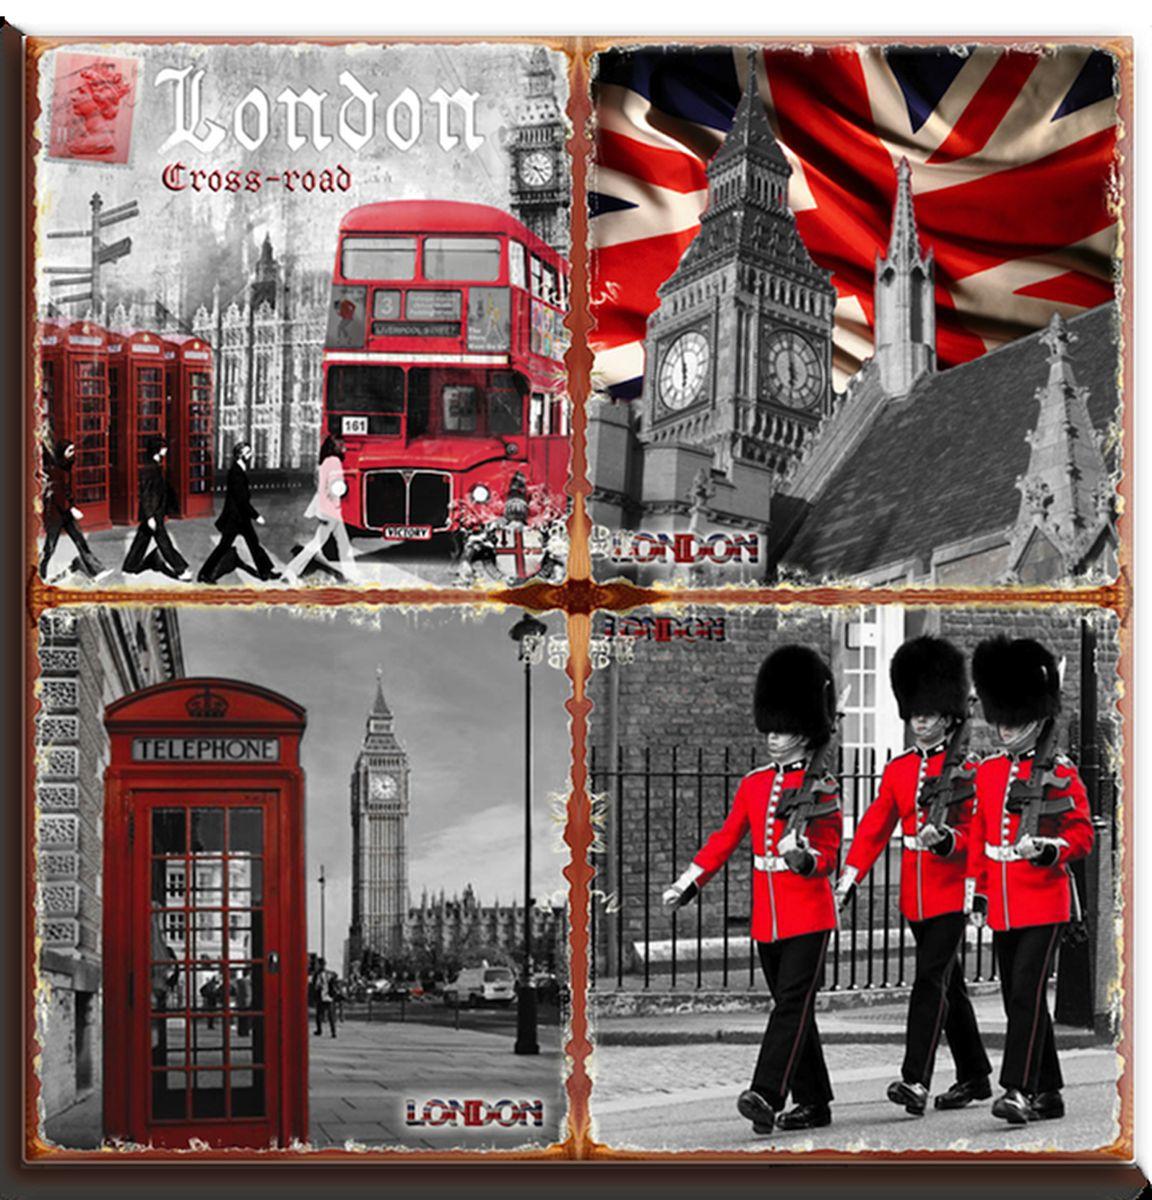 Подставка под горячее GiftnHome Лондон в красных тонах, 20 см х 20 смP20-London RedКвадратная подставка под горячее GiftnHome Лондон в красных тонах выполнена из высококачественной керамики. Изделие, декорированное красочными изображениями достопримечательностей Лондона, идеально впишется в интерьер современной кухни. Специальное пробковое основание подставки защитит вашу мебель от царапин. Изделие не боится высоких температур и легко чиститься от пятен и жира. Каждая хозяйка знает, что подставка под горячее - это незаменимый и очень полезный аксессуар на каждой кухне. Ваш стол будет не только украшен оригинальной подставкой с красивым рисунком, но и сбережен от воздействия высоких температур ваших кулинарных шедевров. Нельзя мыть в посудомоечной машине. Размер подставки: 20 см х 20 см х 0,8 см.